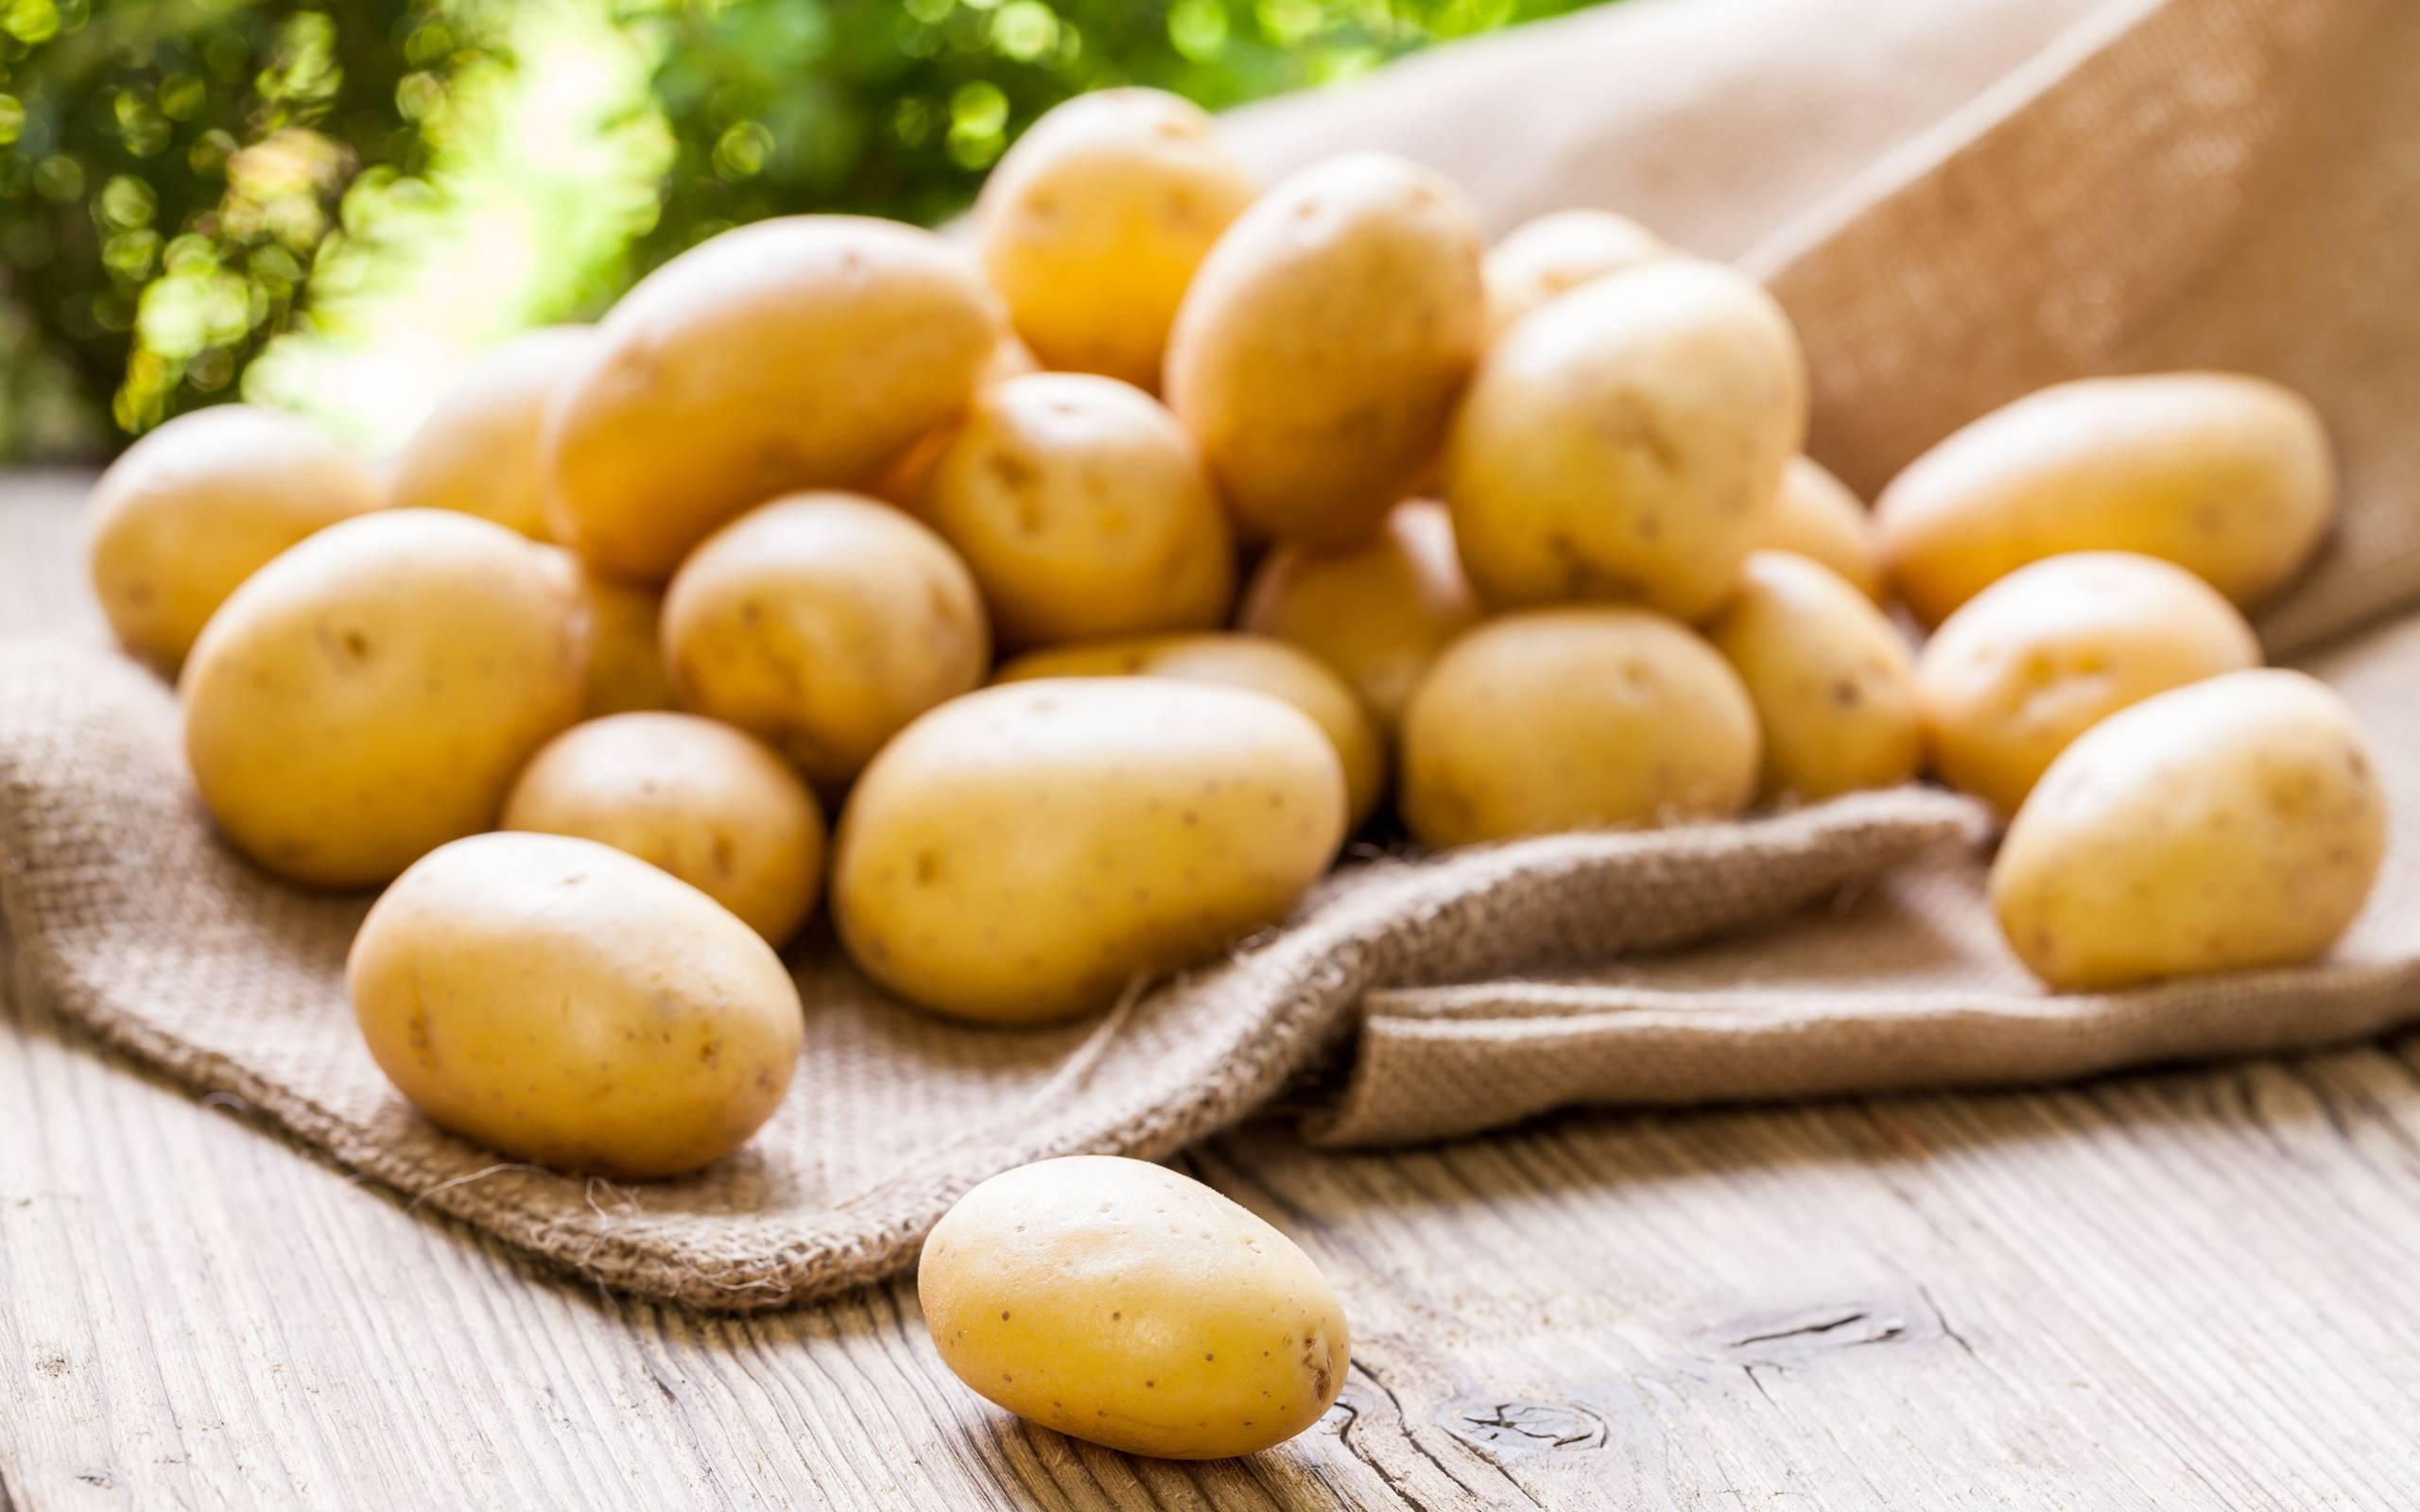 Как правильно посадить картофель для хорошего урожая